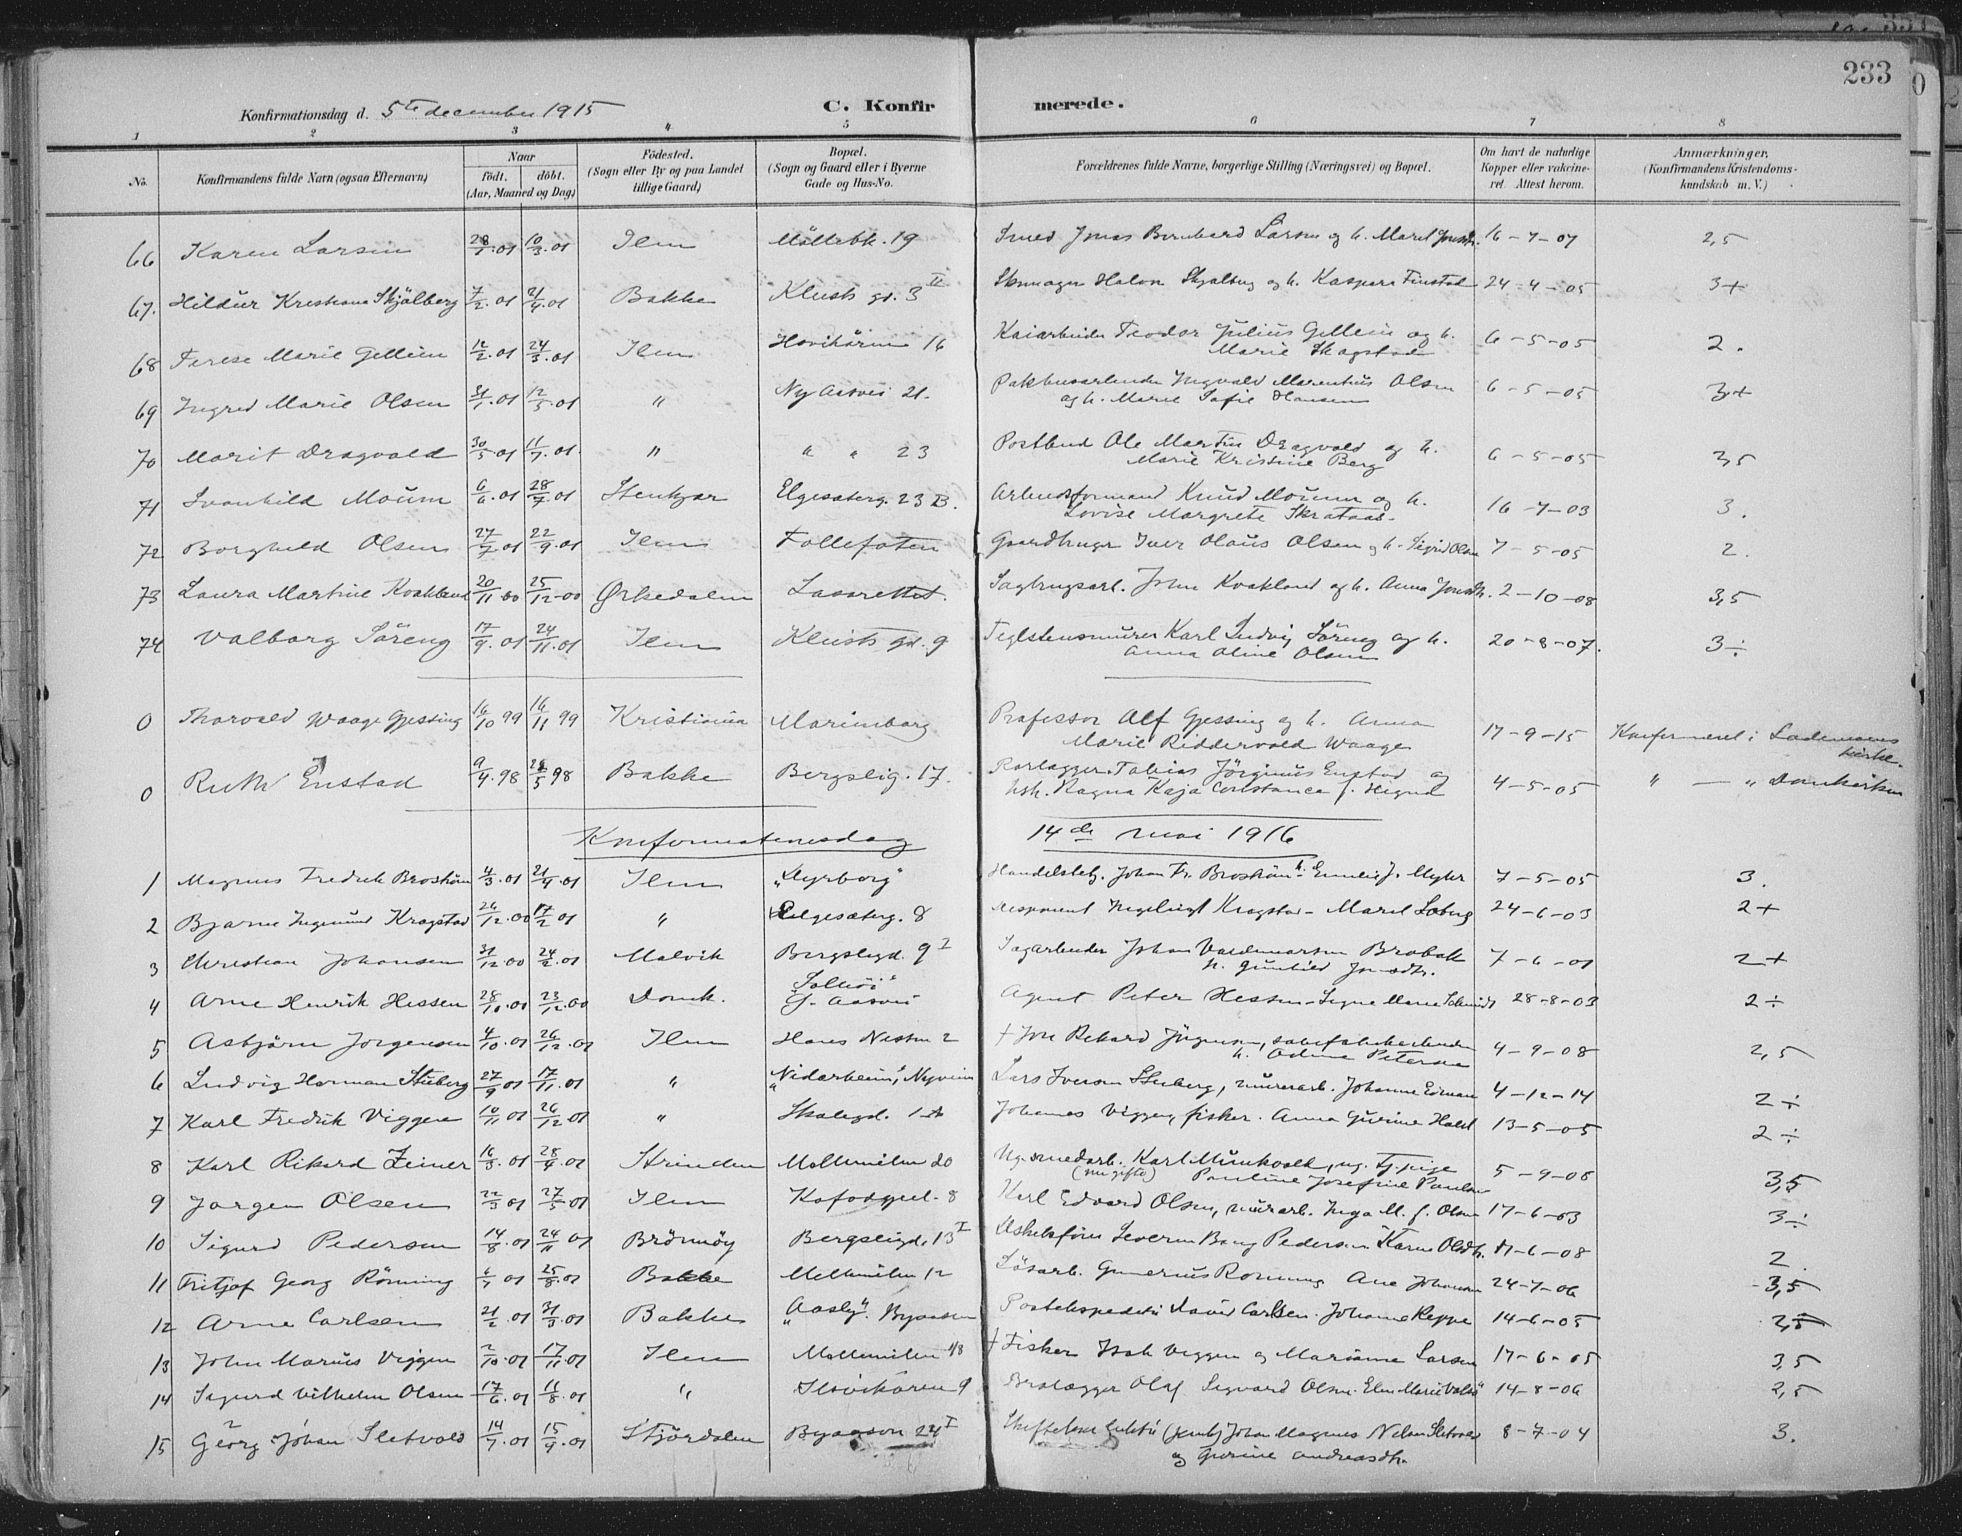 SAT, Ministerialprotokoller, klokkerbøker og fødselsregistre - Sør-Trøndelag, 603/L0167: Ministerialbok nr. 603A06, 1896-1932, s. 233